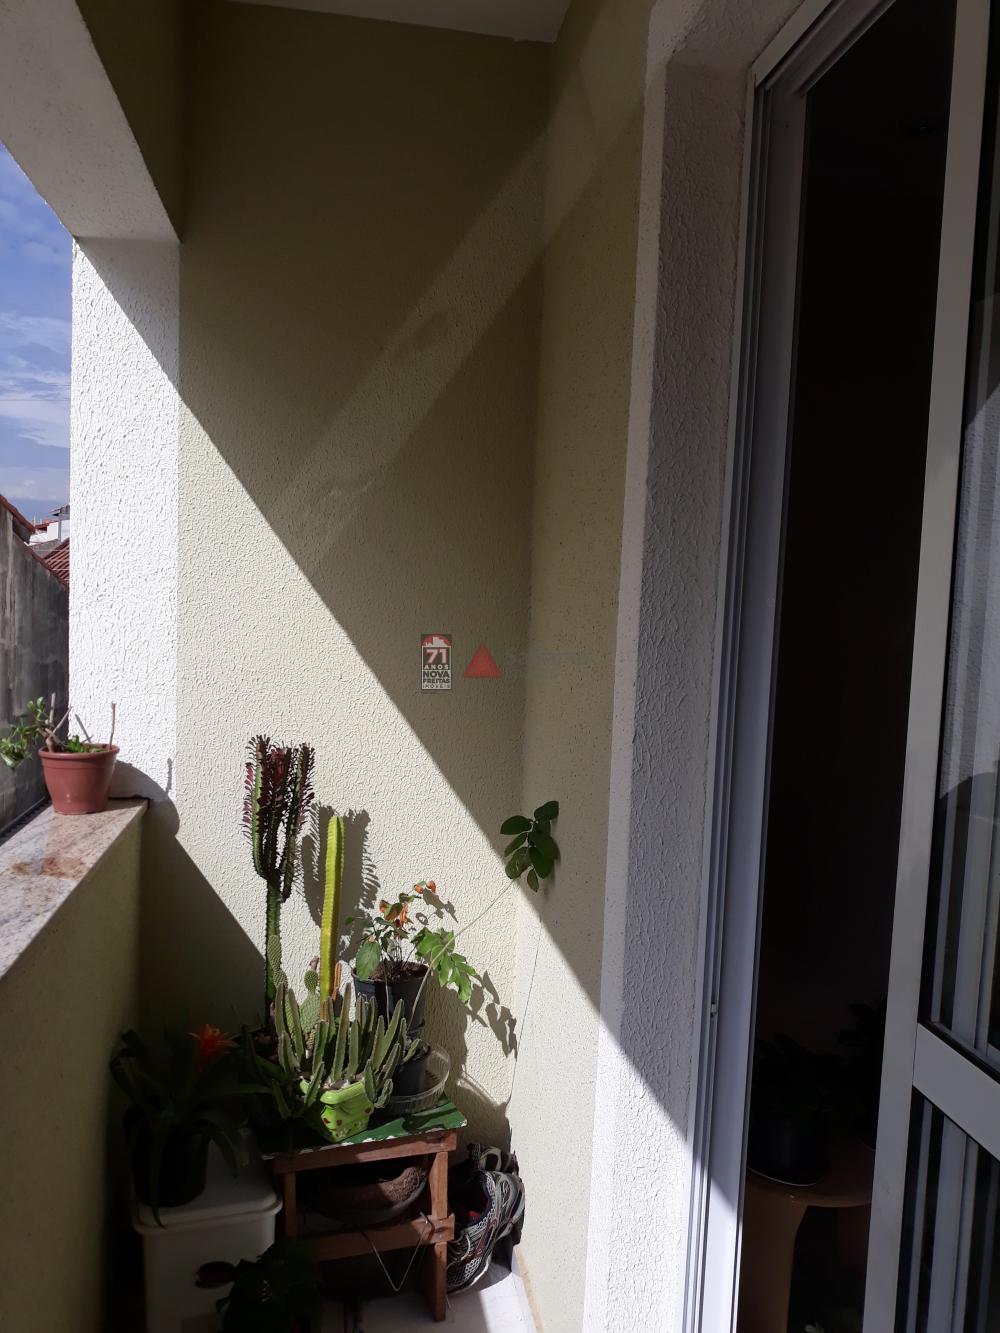 Comprar Apartamento / Padrão em São José dos Campos apenas R$ 300.000,00 - Foto 7